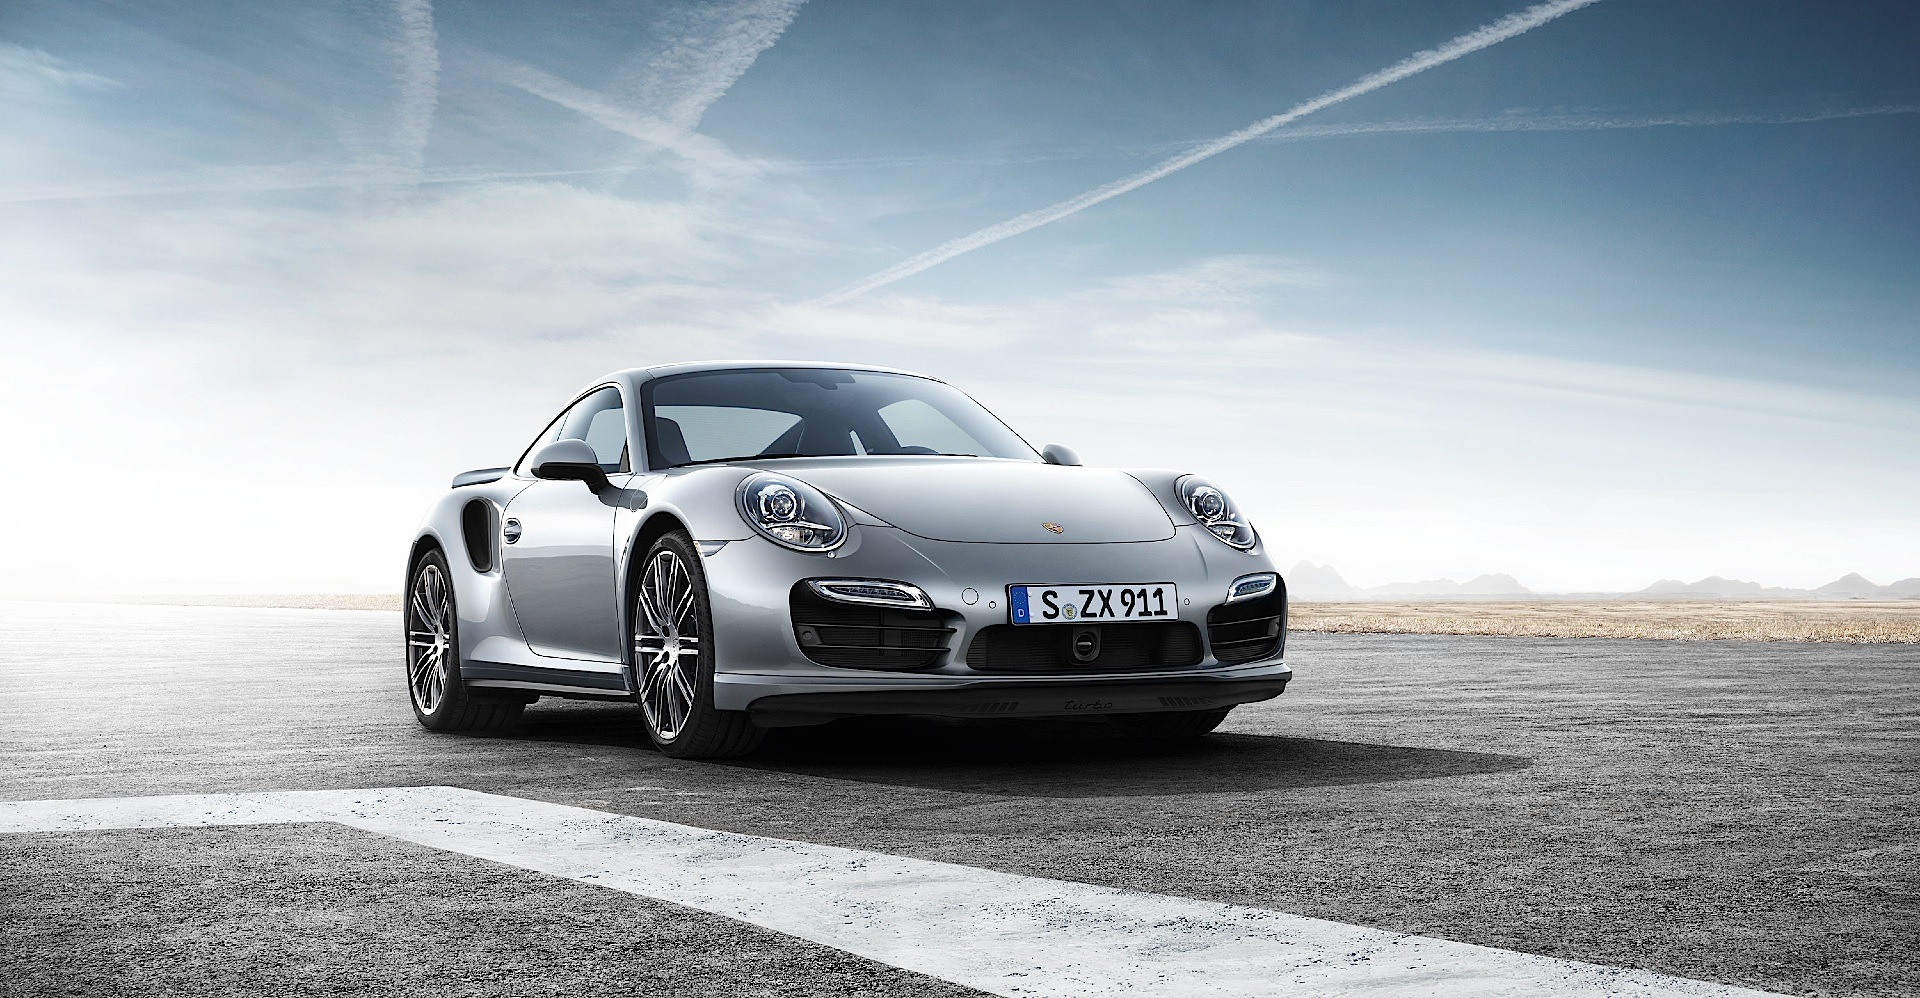 PORSCHE-911-Turbo--991--4854_8.jpg